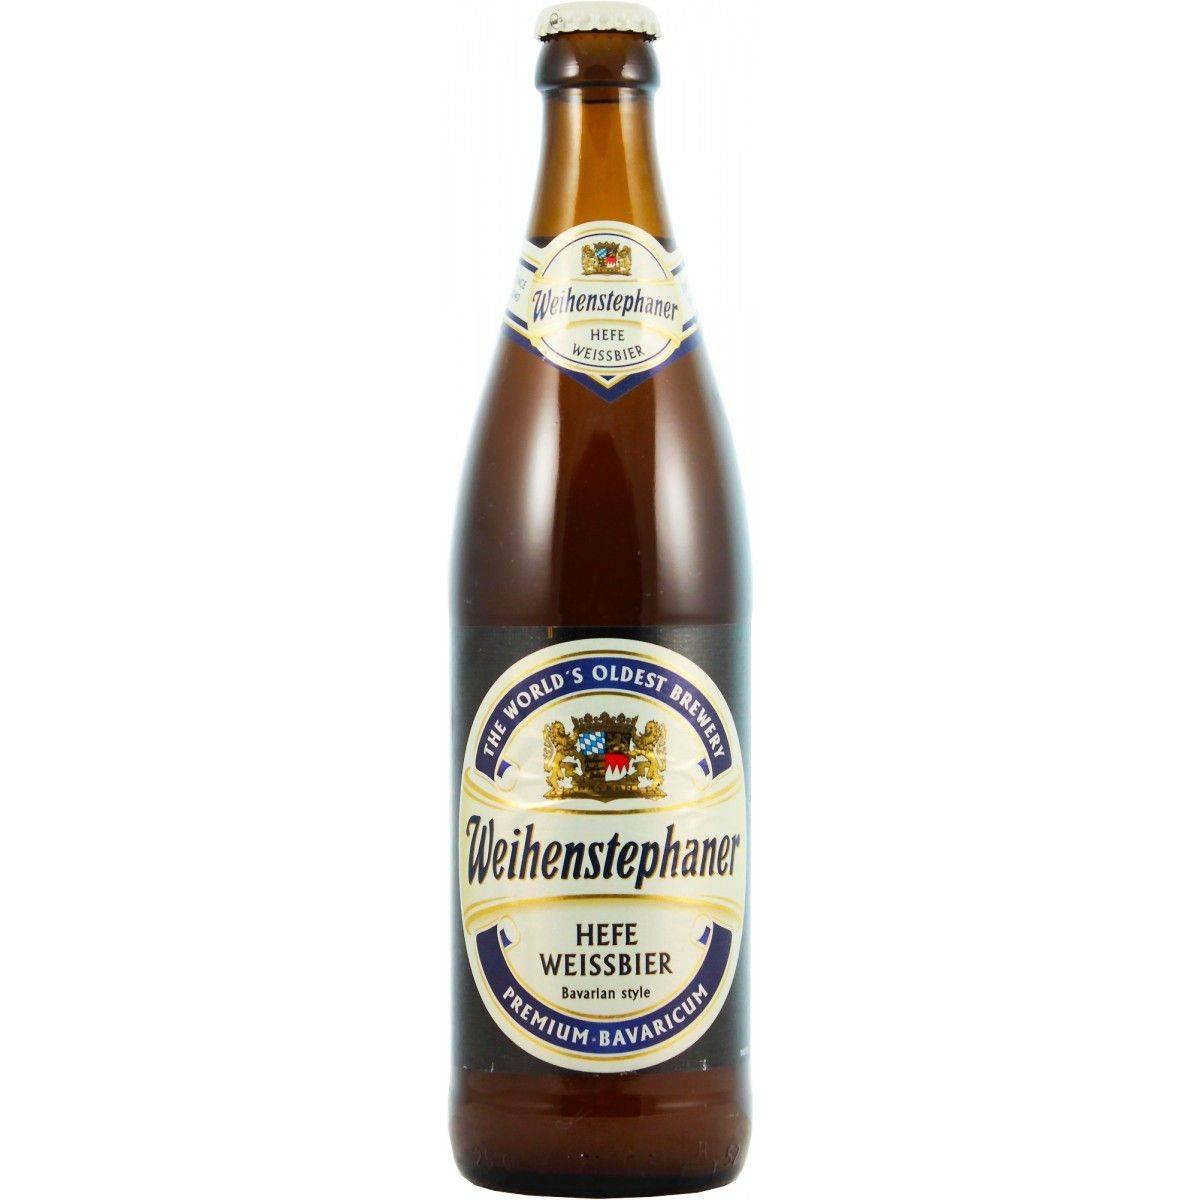 Пшеничное пиво: белое пиво пшеничное, нефильтрованное